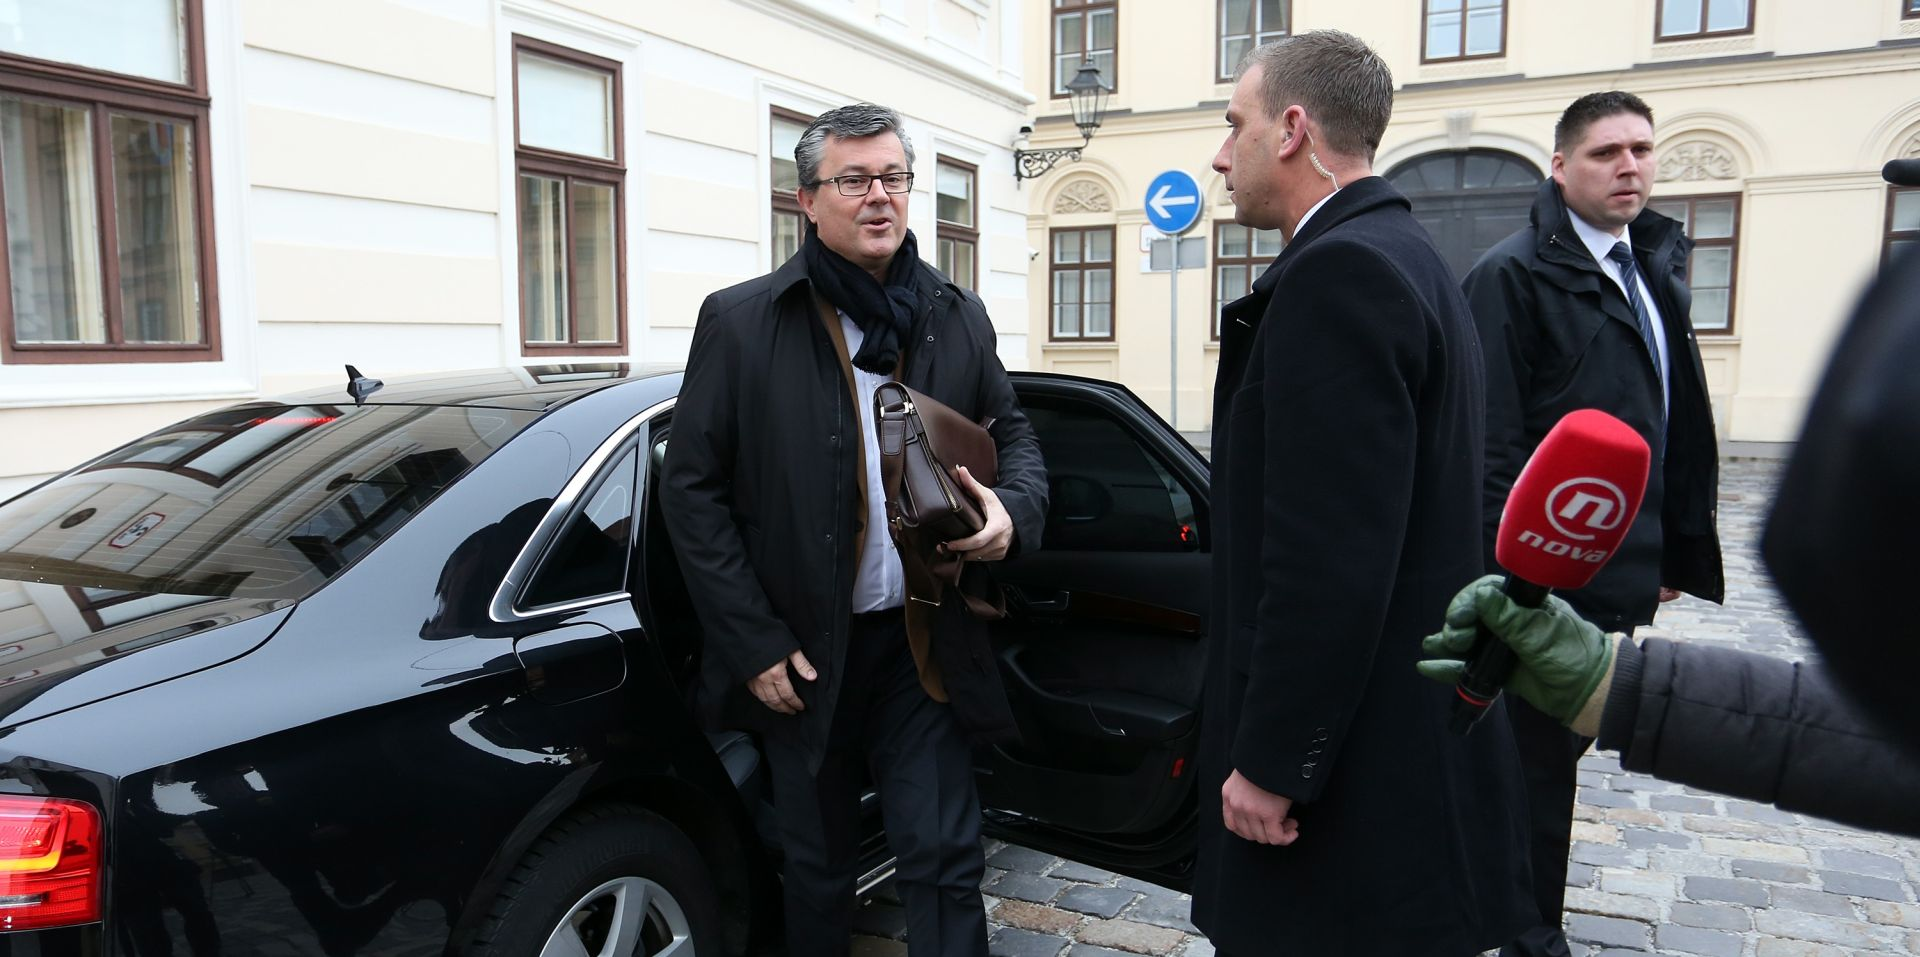 PRVI RADNI DAN TIHOMIRA OREŠKOVIĆA Radni sastanak s ministrima u Vladi, Lalovac predao dužnost Zdravku Mariću